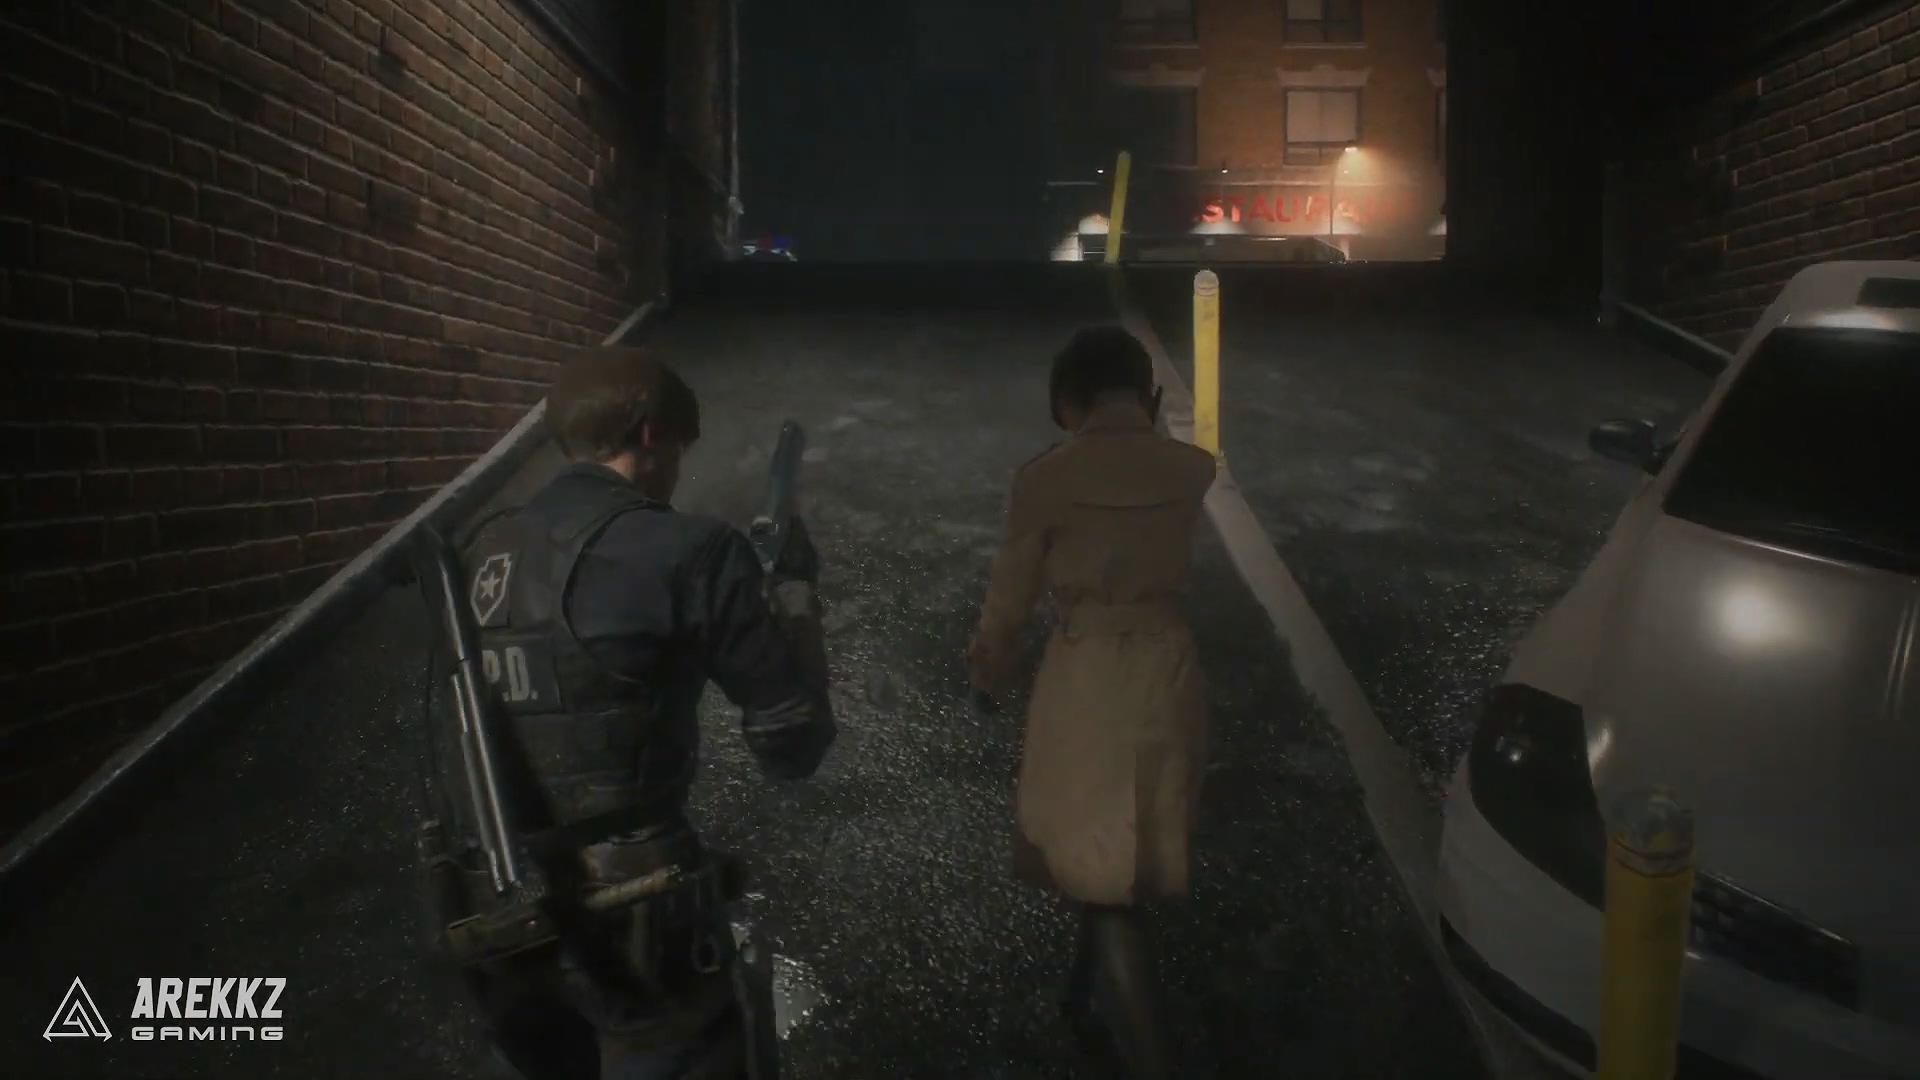 《生化危機2重制版》20分鐘超長試玩錄像 三主角對立變異BOSS